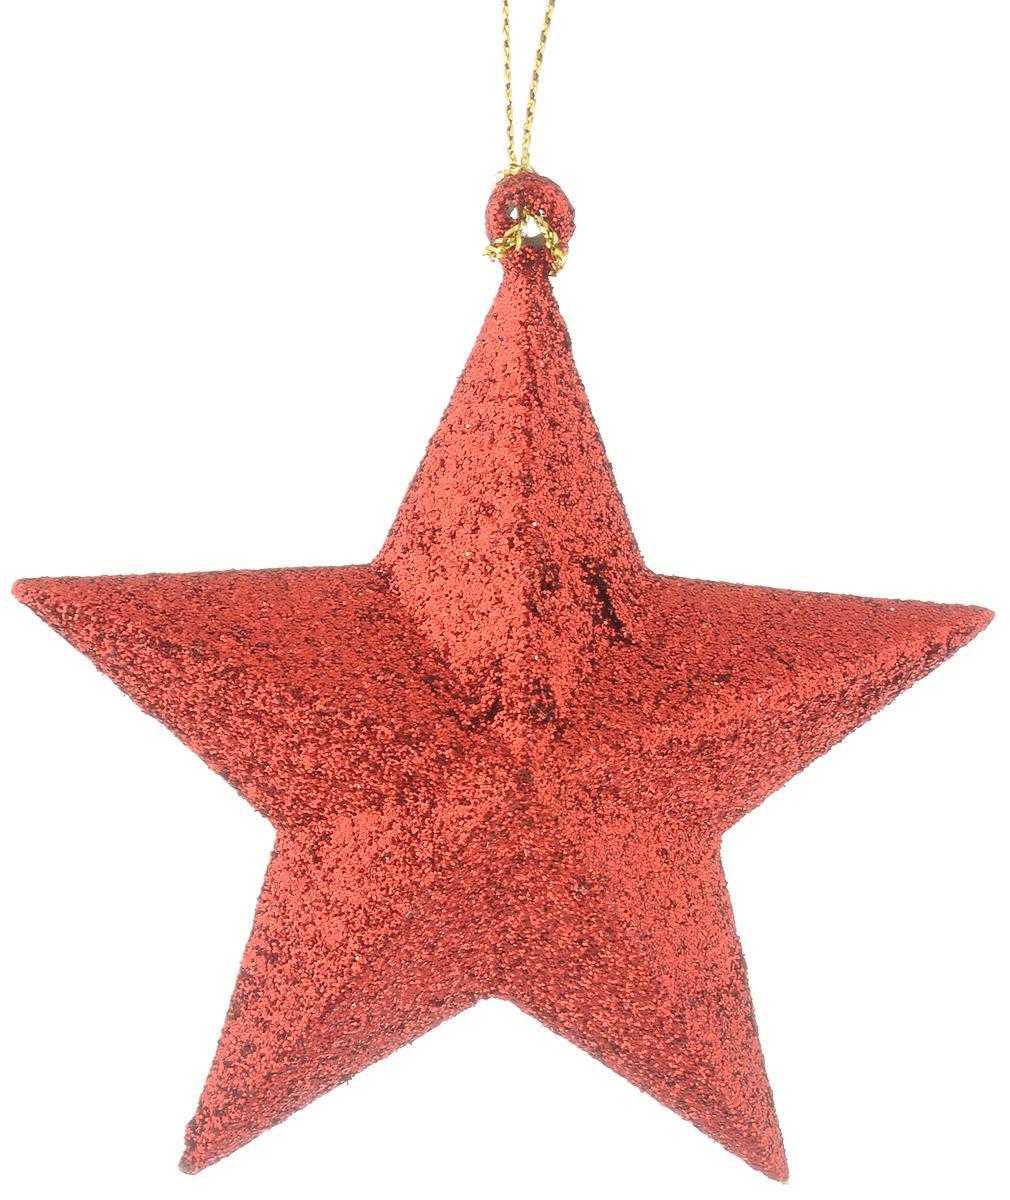 Украшение новогоднее подвесное Magic Time Звезда в красном глиттере, высота 9 см38734/75109Новогоднее подвесное украшение Magic Time Звезда в красном глиттере выполнено из полипропилена в виде объемной звезды и украшено блестками. С помощью специальной петельки украшение можно повесить в любом понравившемся вам месте. Но, конечно, удачнее всего оно будет смотреться на праздничной елке.Елочная игрушка - символ Нового года. Она несет в себе волшебство и красоту праздника. Создайте в своем доме атмосферу веселья и радости, украшая новогоднюю елку нарядными игрушками, которые будут из года в год накапливать теплоту воспоминаний.